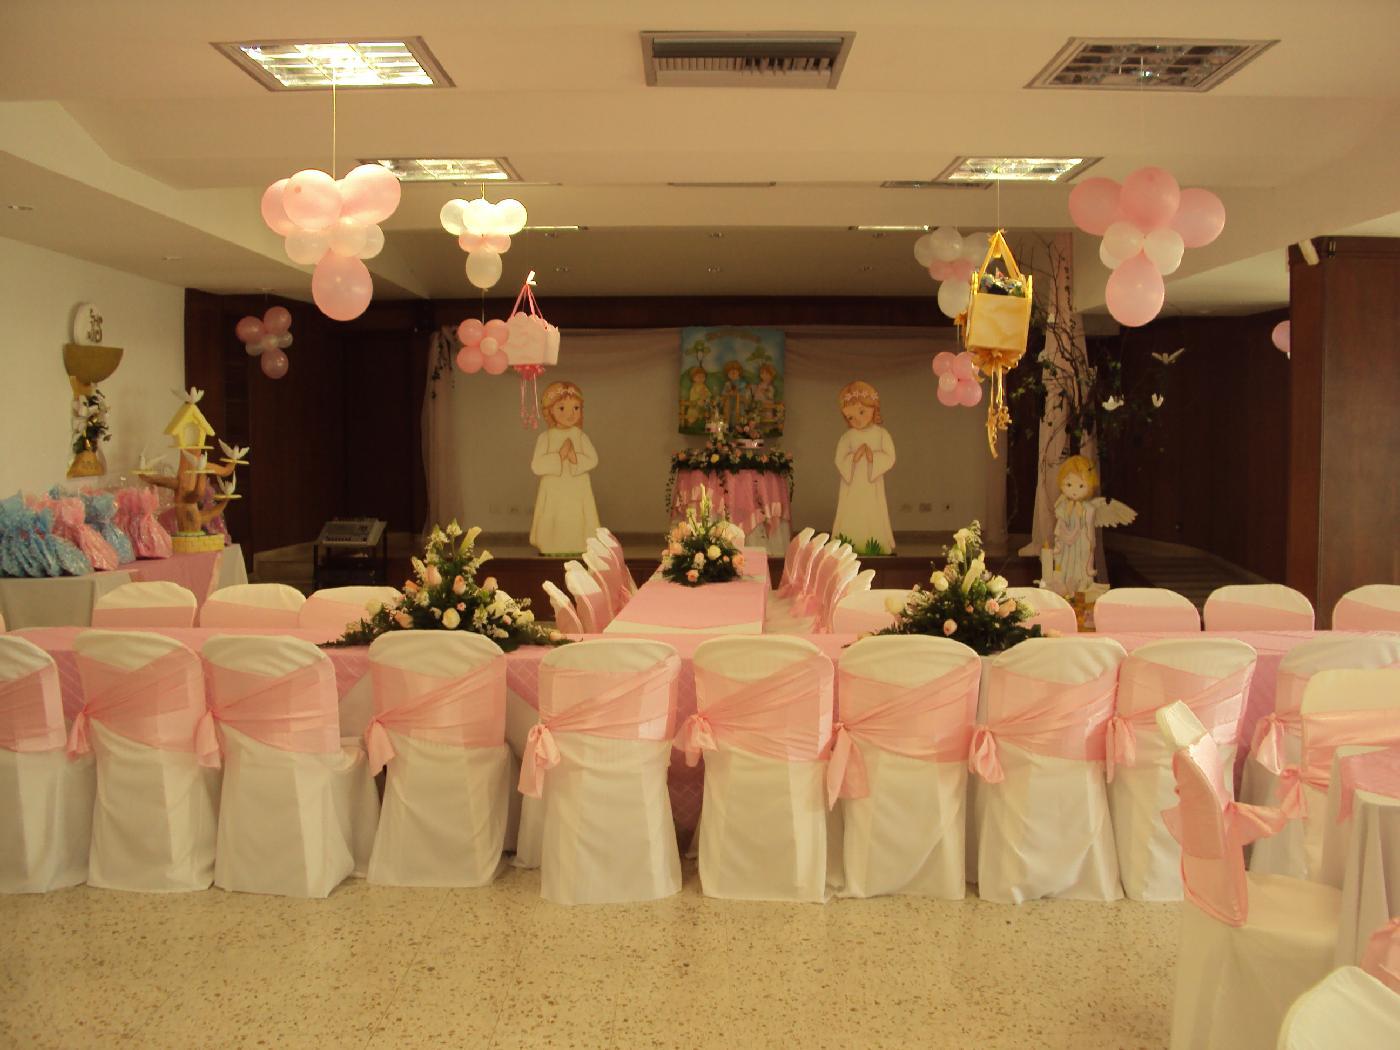 Decoraci n de fiestas de comuni n imagui for Fiestas comunion decoracion